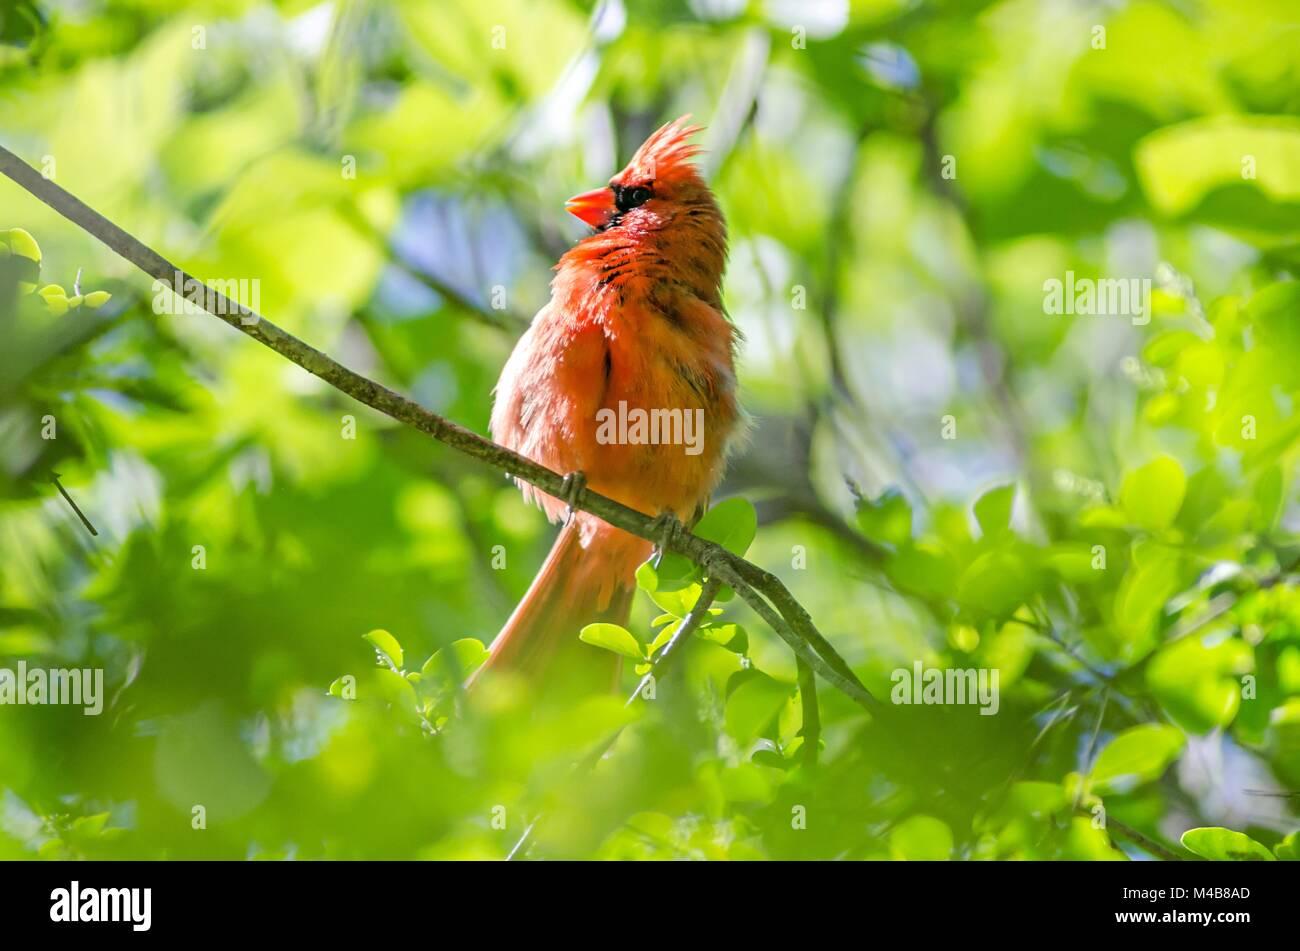 Nett Blaue Vogel Färbung Seite Fotos - Beispiel Wiederaufnahme ...